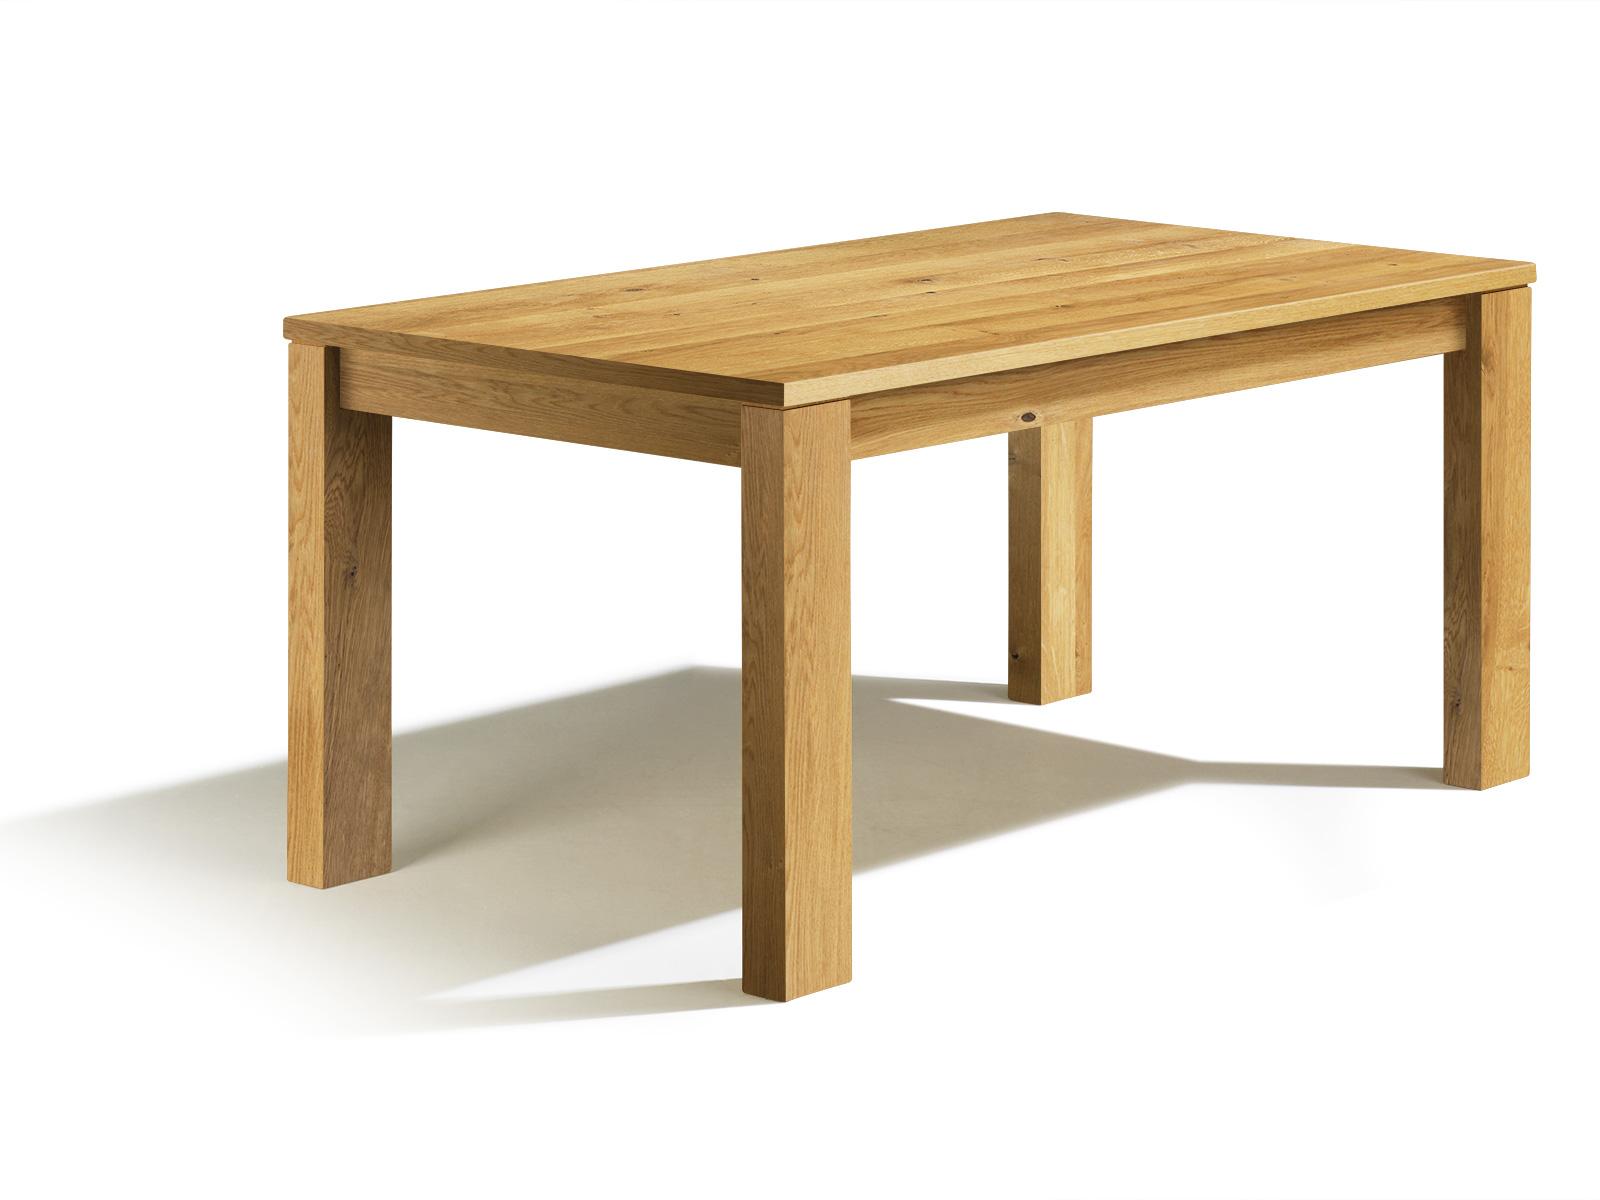 Außergewöhnlich Esstisch 100x100 Foto Von Casma Rechteckige Tischbeine